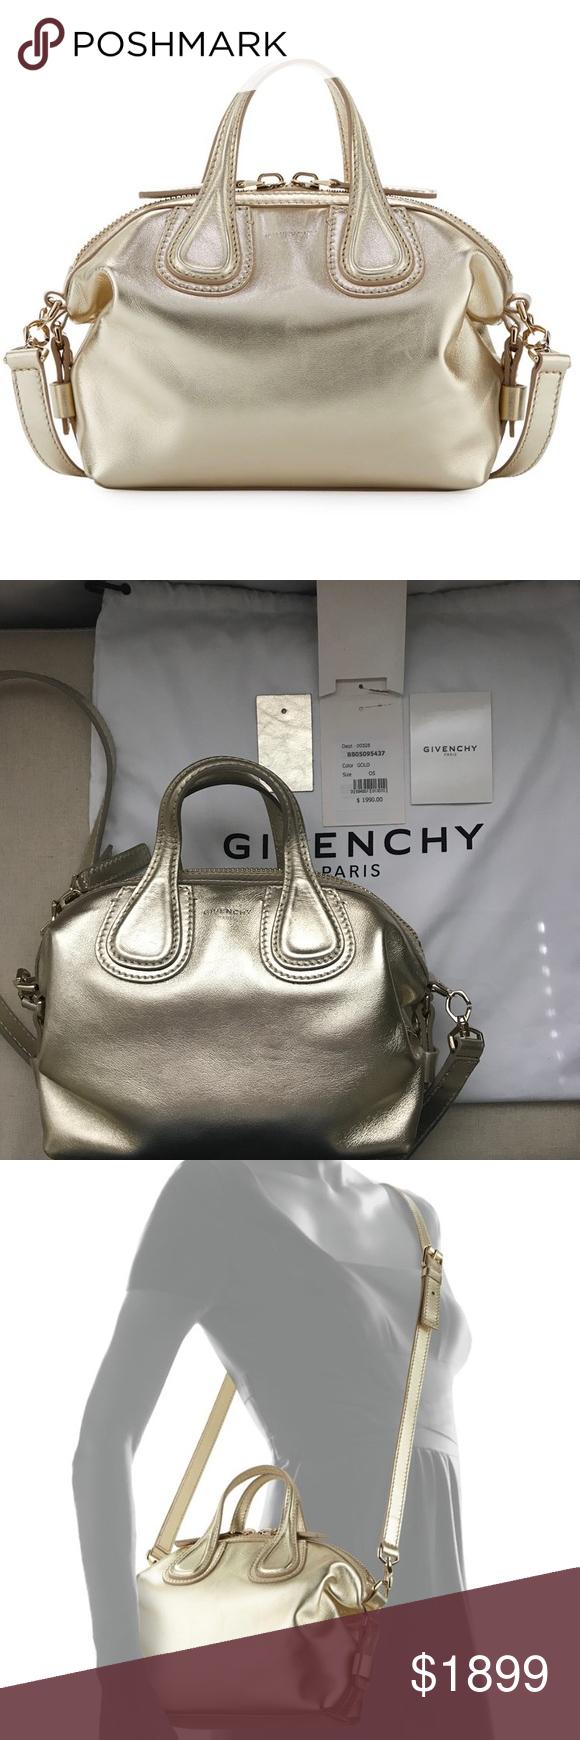 Givenchy Nightingale Mini Leather Satchel Bag BRAND NEW e47e020e7e821